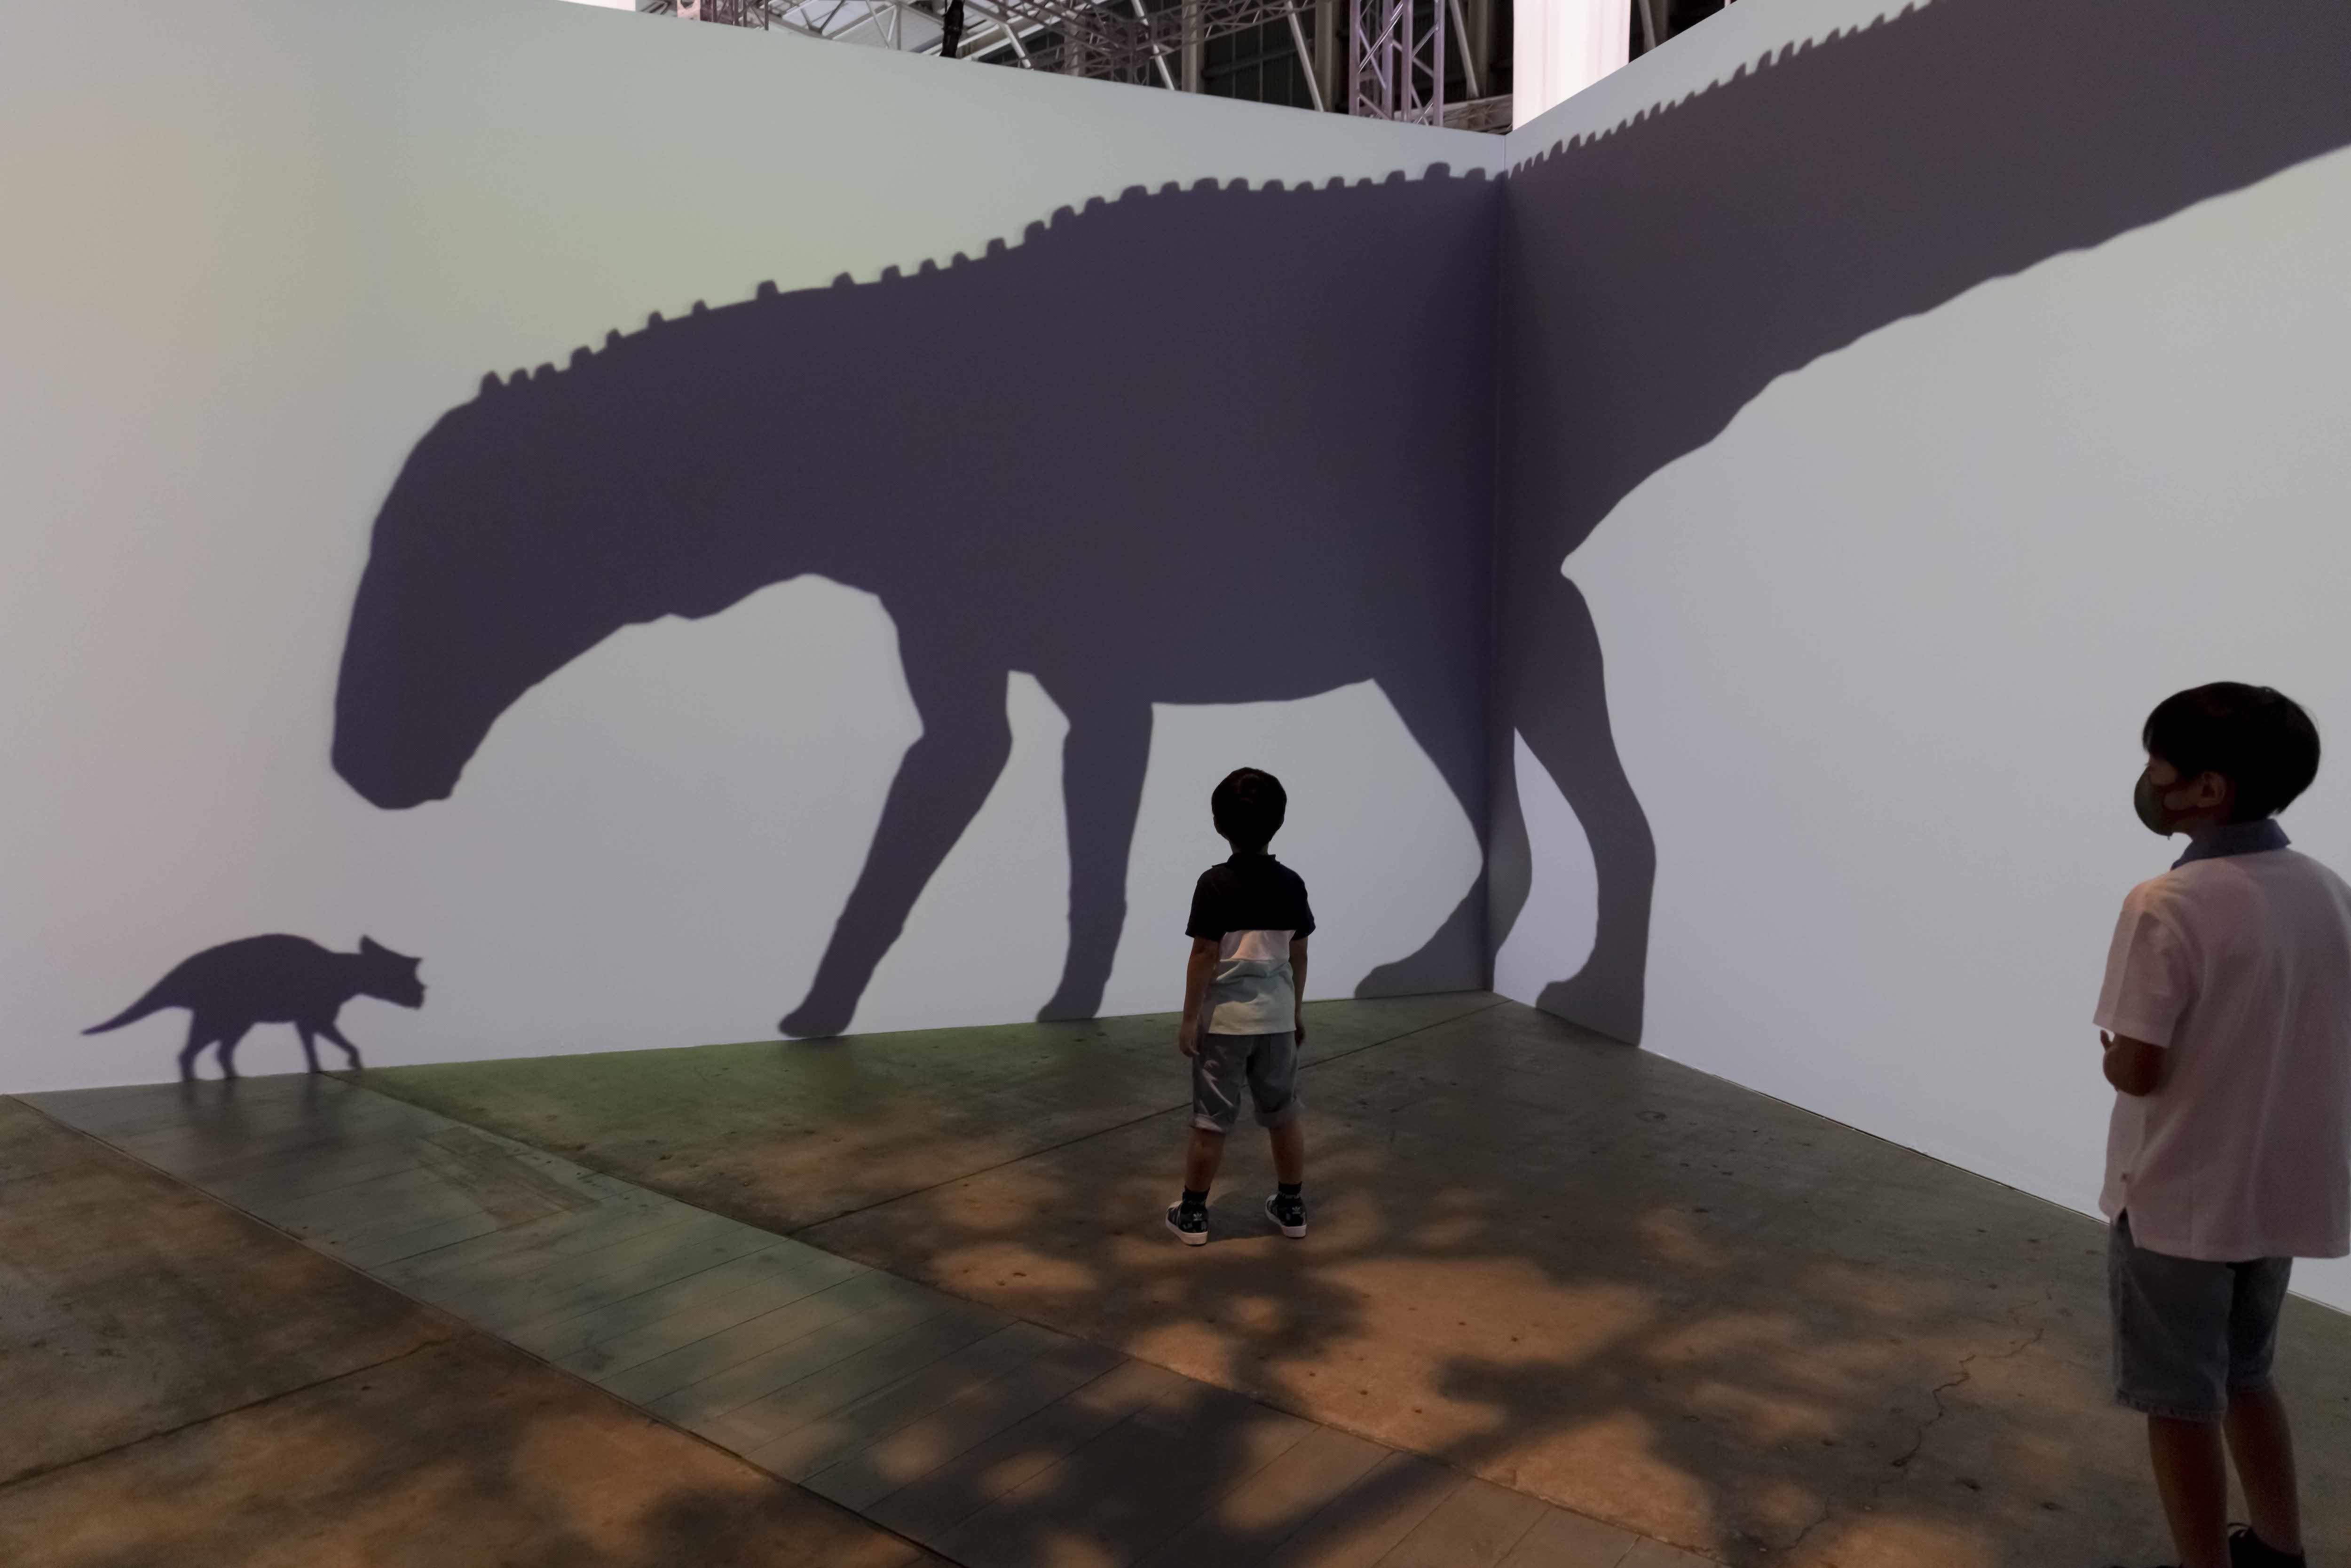 ふむふむ、子供トリケラトプスが逃げないということは、左のシルエットは植物食のエドモントサウルスだな……